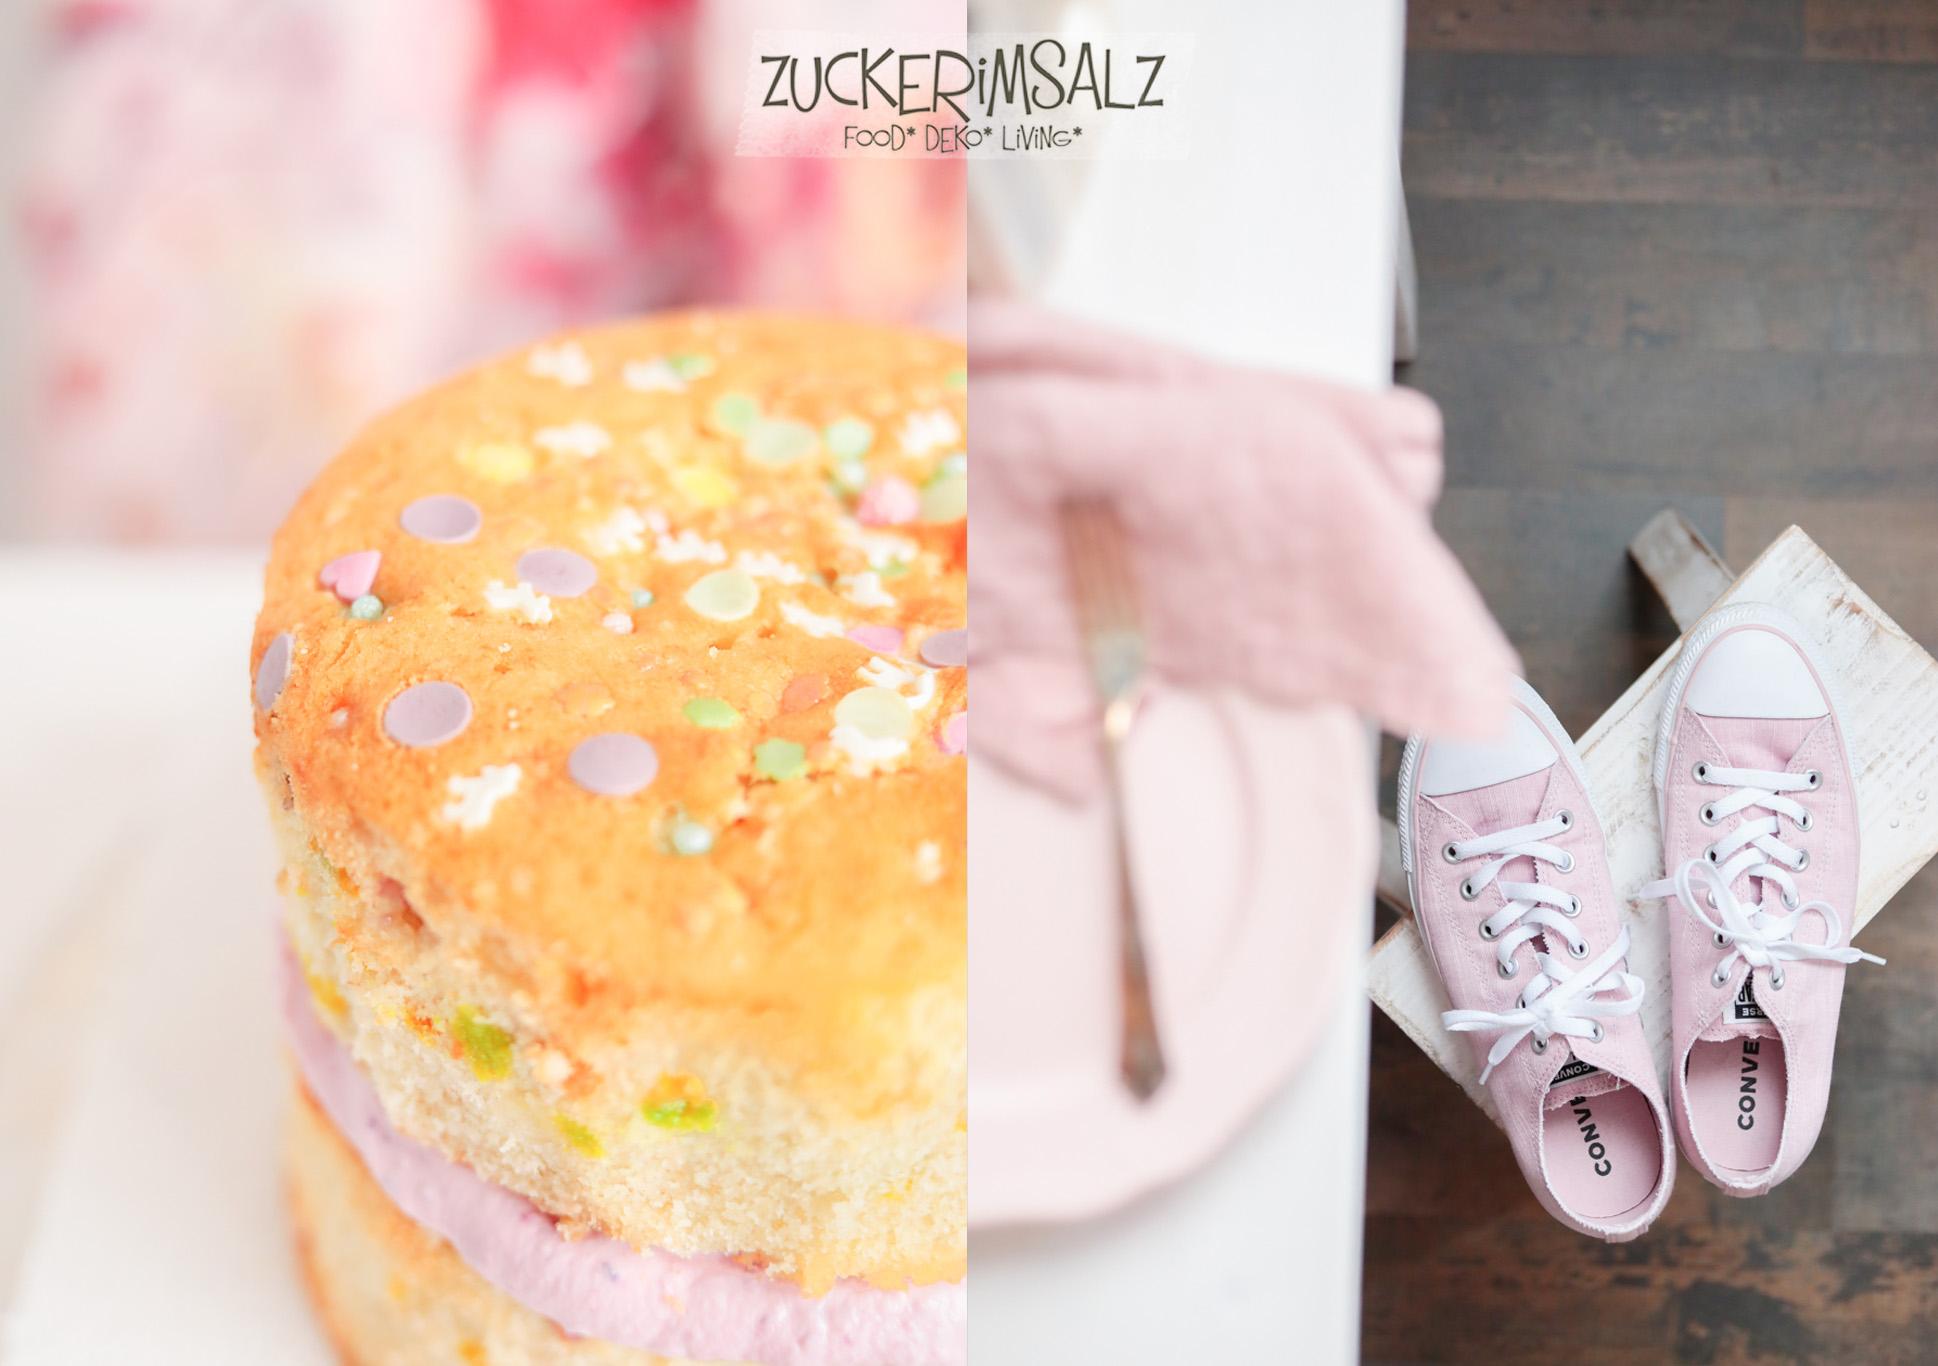 Funfetti, Konfetti, Mini, Cake, Kuchen, Torte, Törtchen, ohne Eigelb, Bananen, Kirschen, Erdbeeren, Blaubeeren, frisch, fruchtig, Frischkäse, Sommer, Chucks, rosa, Converse